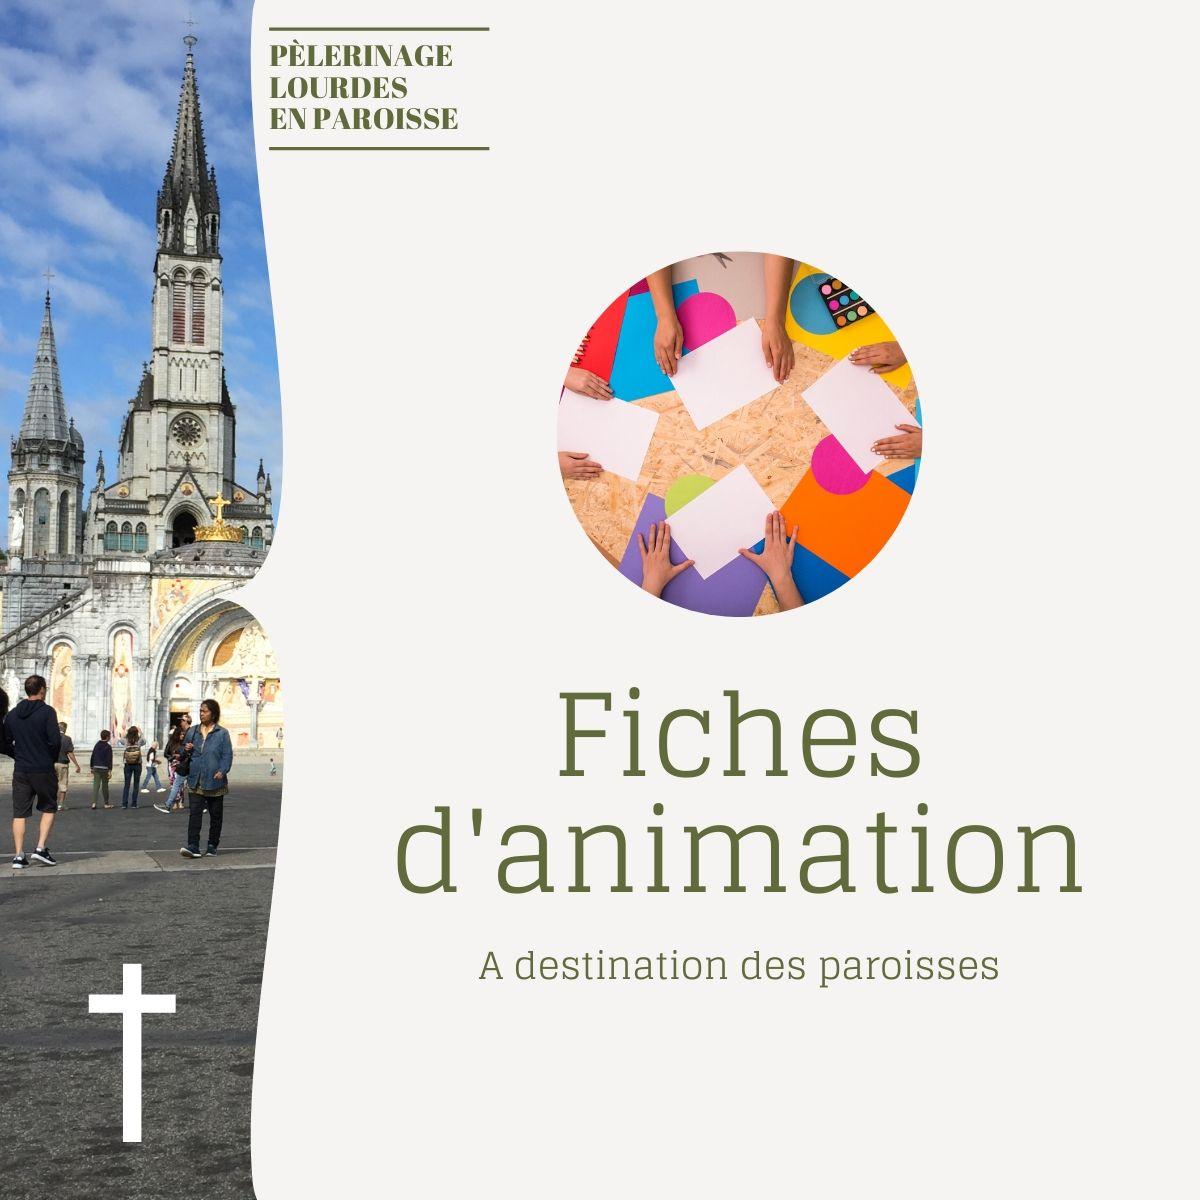 Pèlerinage de Lourdes en paroisse : fiches d'animation